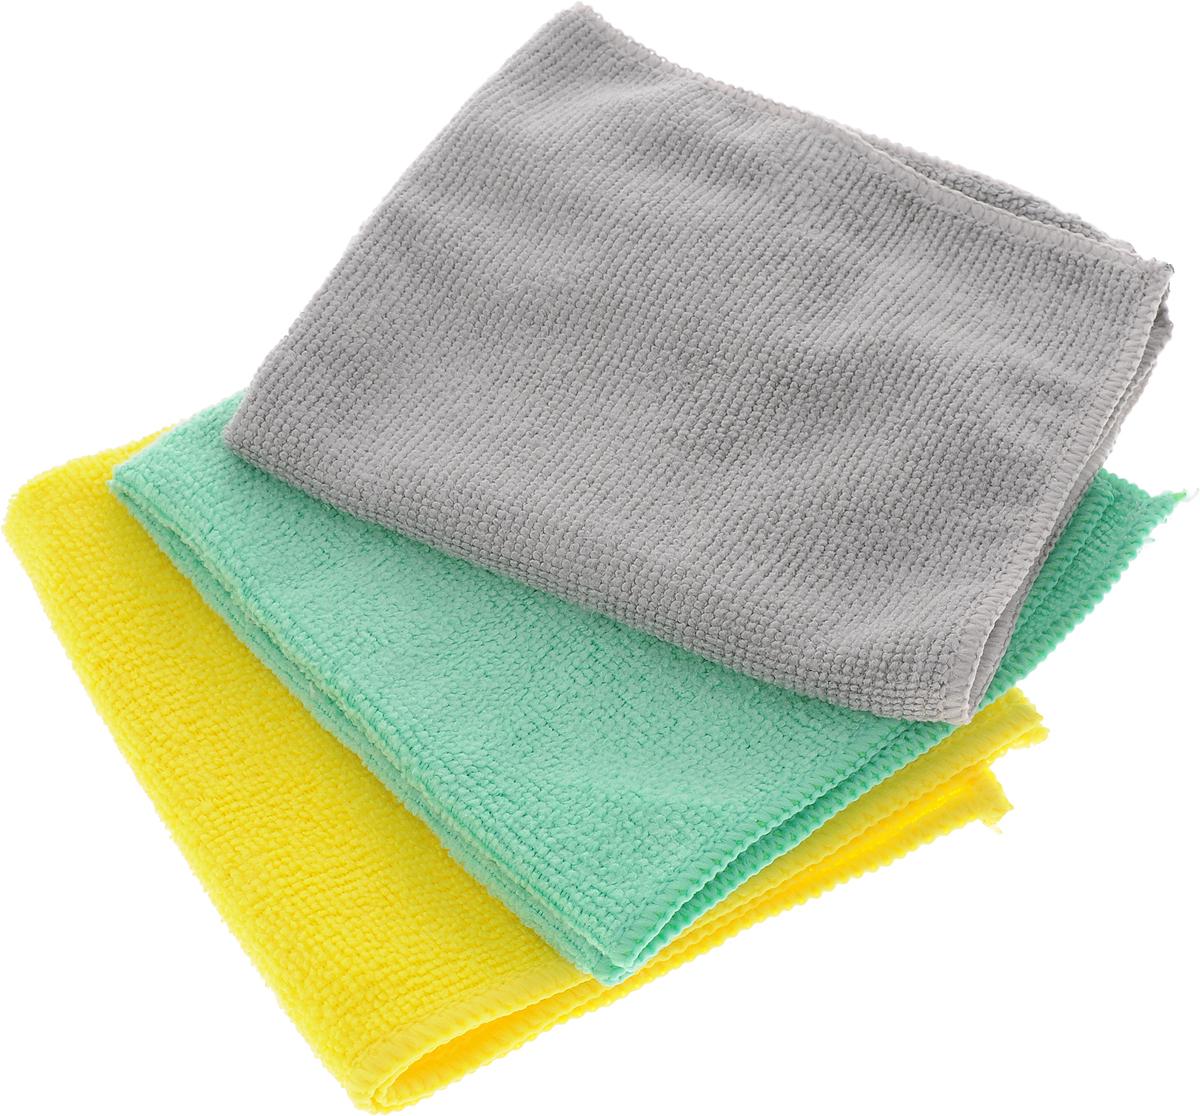 Набор универсальных салфеток Фэйт Вэриес, цвет: желтый, зеленый, серый, 30 х 30 см, 3 шт1304057_желтый, зеленый, серыйНабор Фэйт Вэриес состоит из 3 универсальных салфеток, выполненных из микрофибры. Такие салфетки не оставляют ворсинок, подходят для многократного использования, отлично впитывают влагу. Комплектация: 3 шт. Размер салфетки: 30 х 30 см.